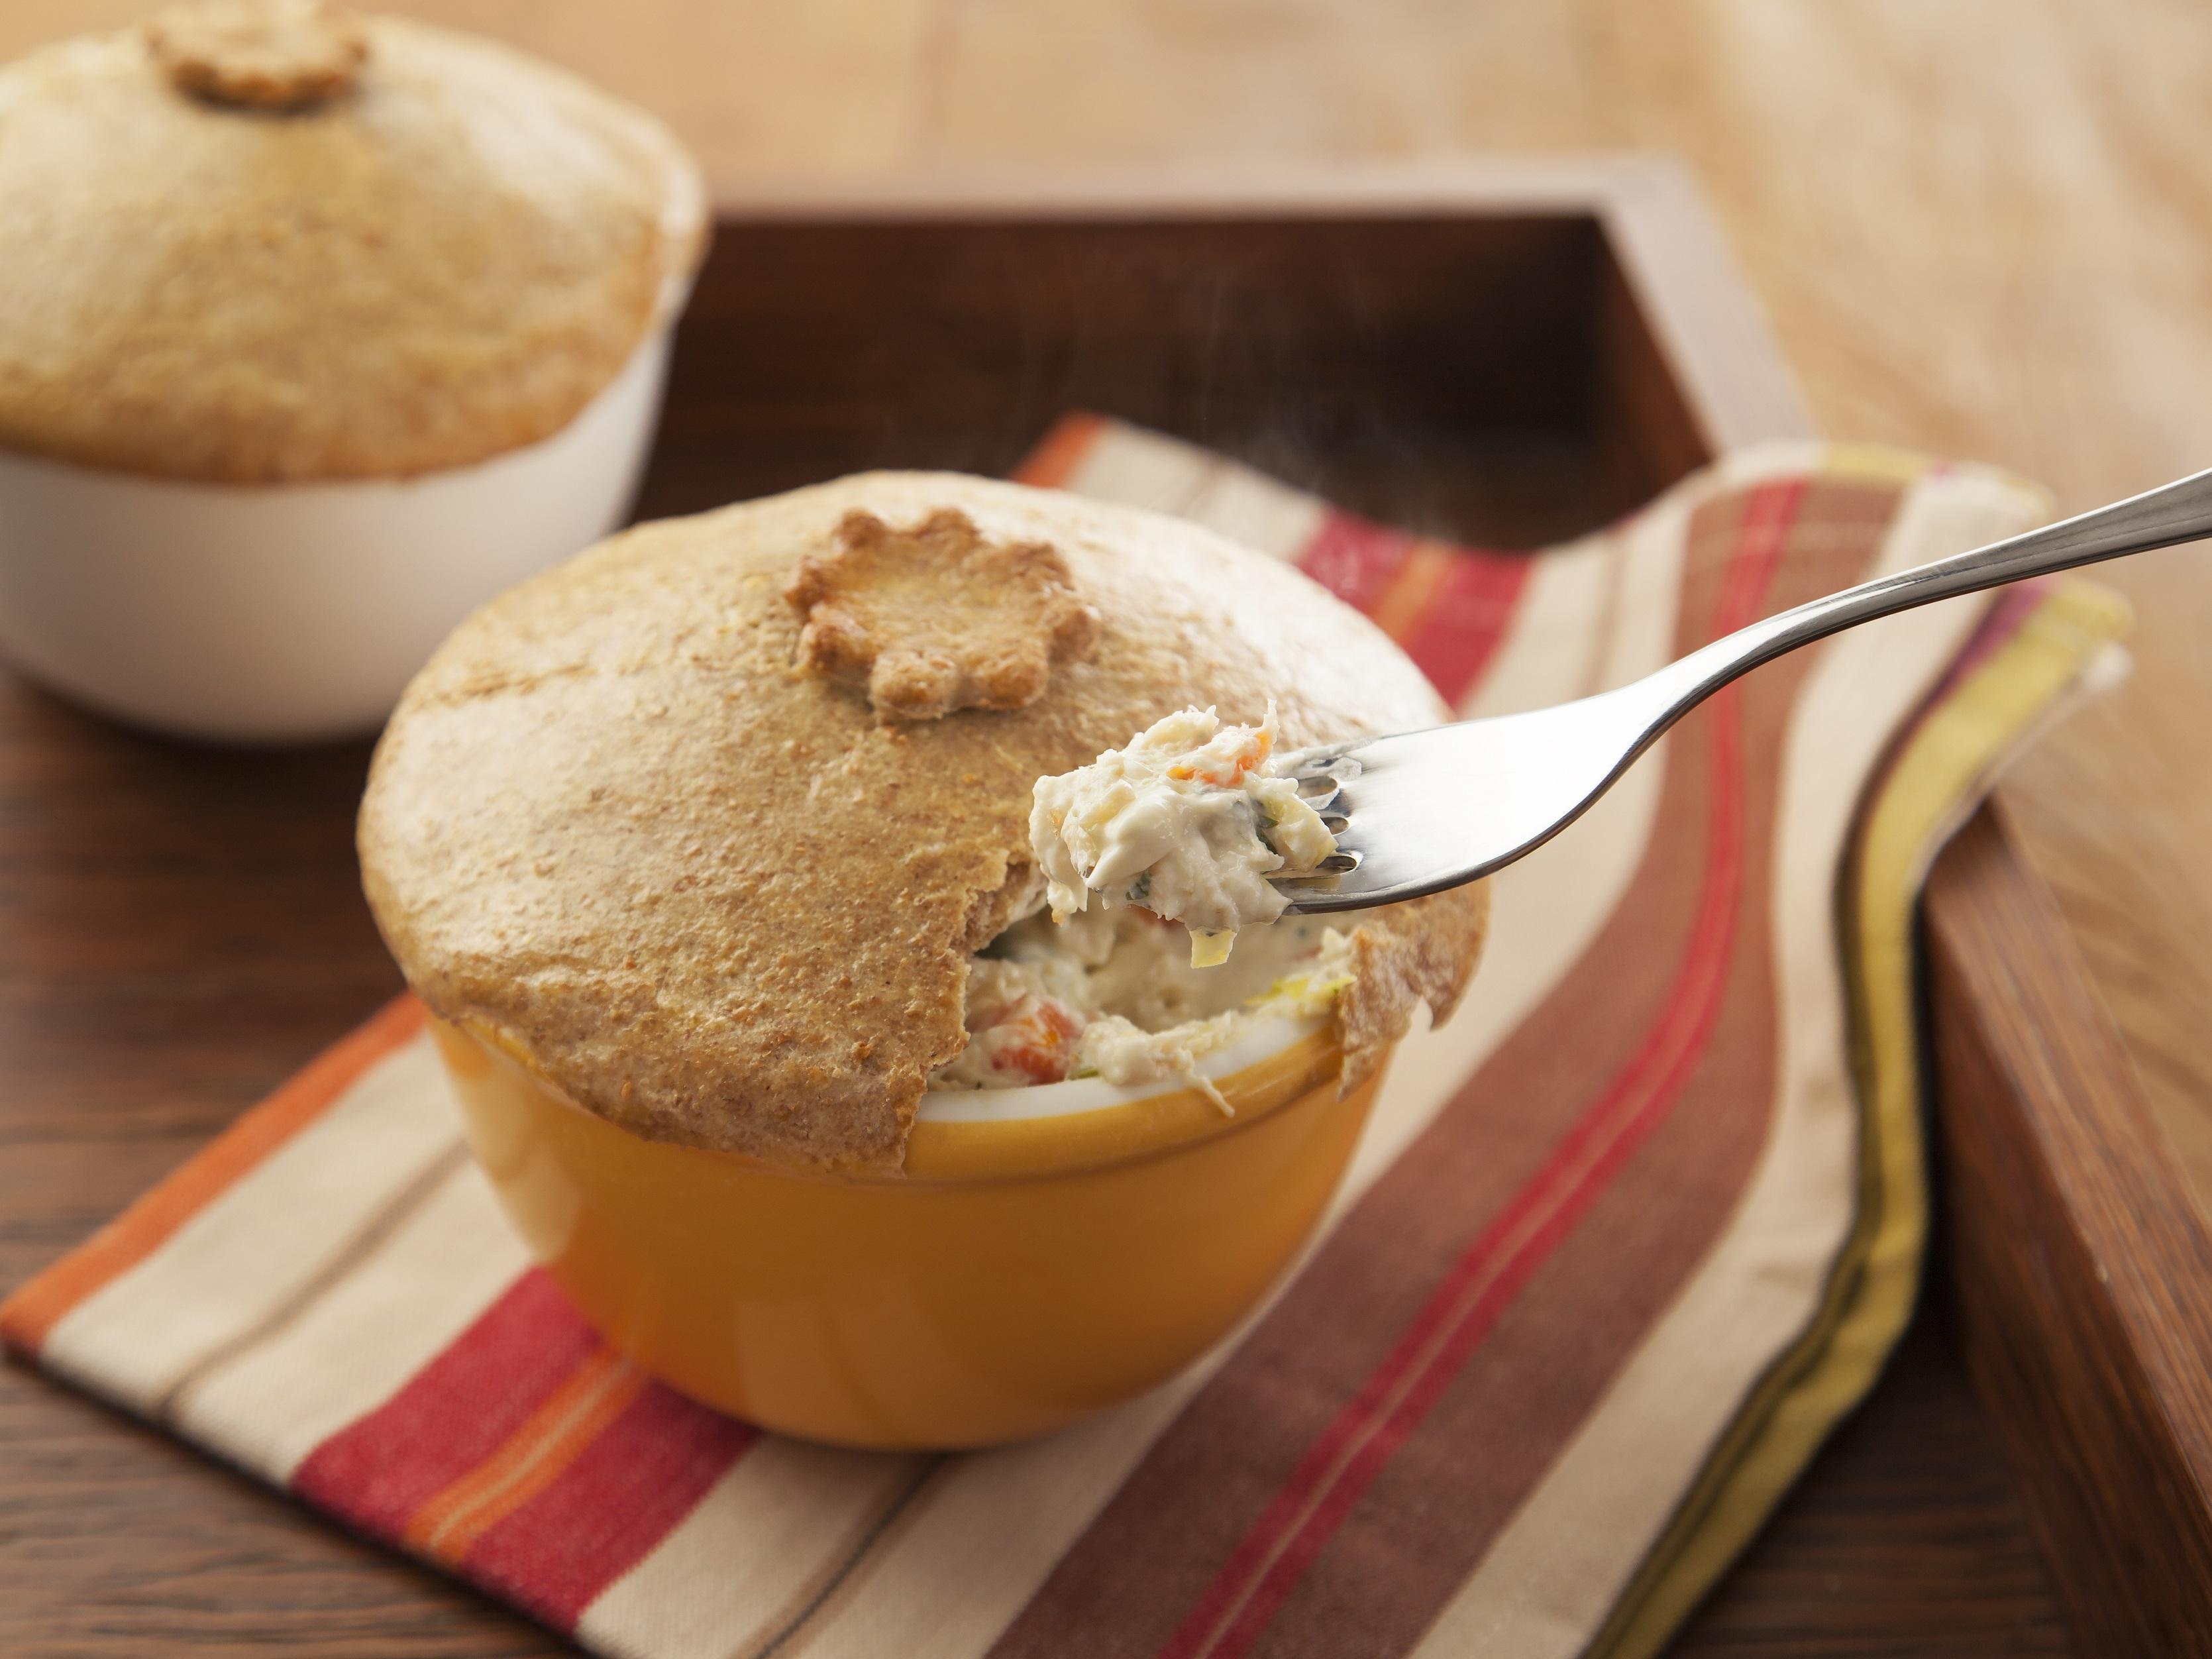 Torta de Pote Integral é ideal para o lanche, mas também pode ser servida na refeição principal, até mesmo como prato único. Experimente servir acompanhada de salada de folhas / GB Imagem